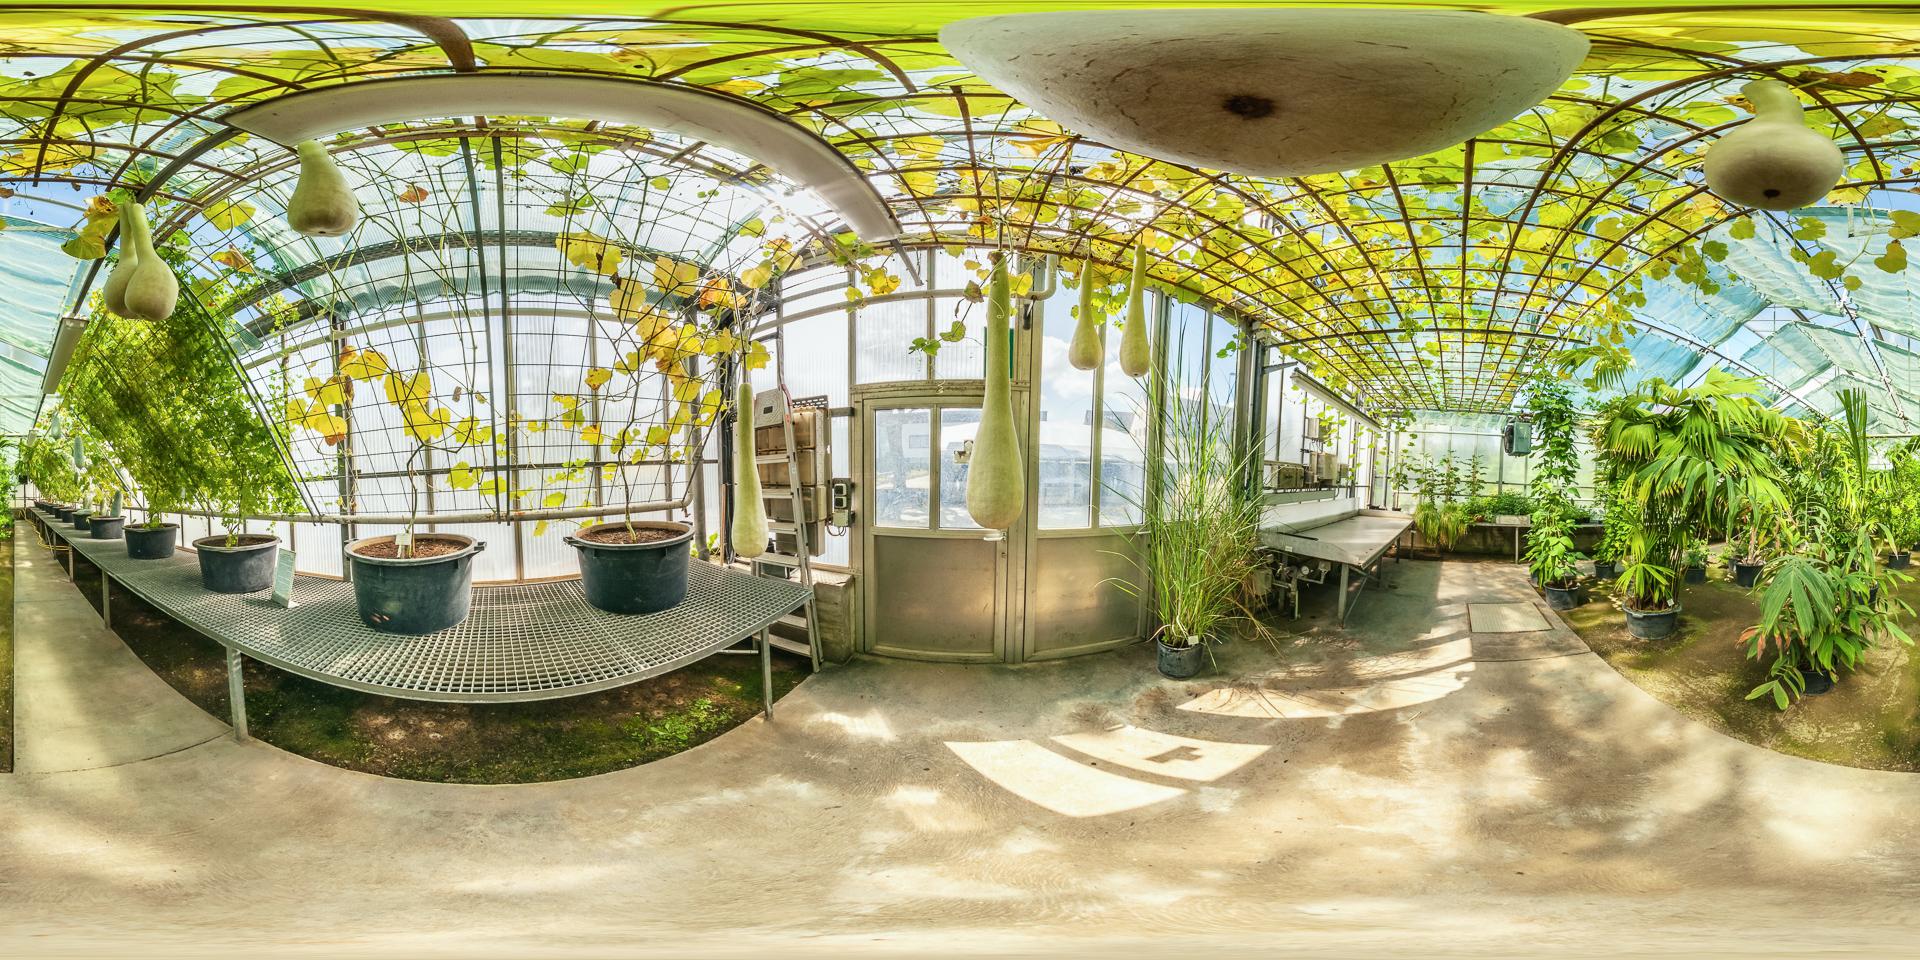 Gewaechshaus-Tropische-Nutzpflanzen